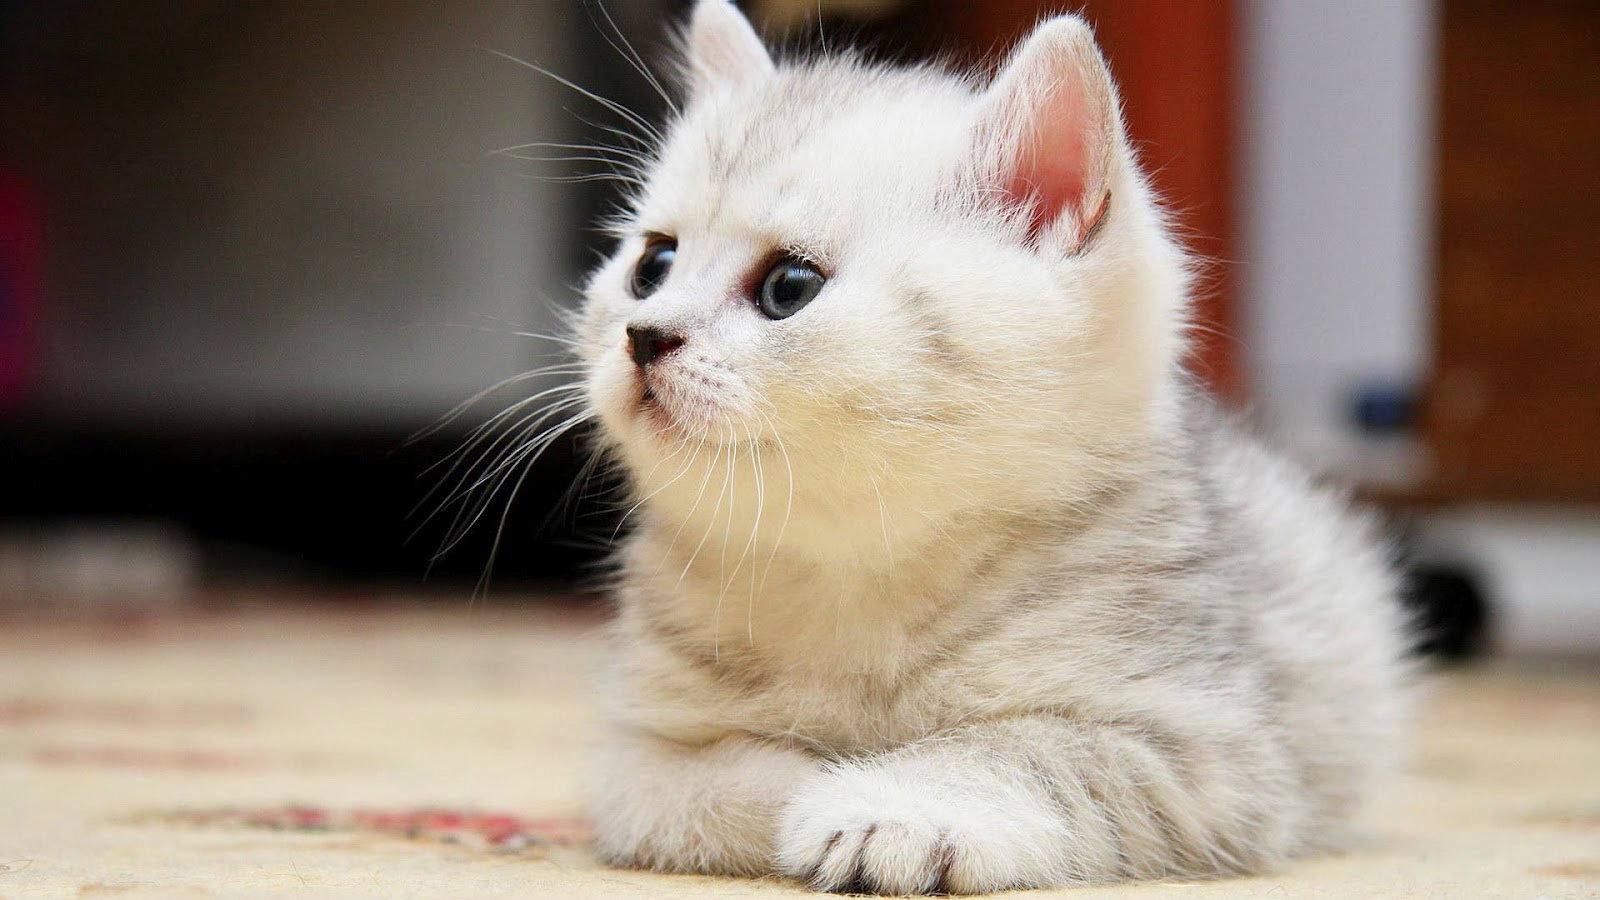 بالصور اجمل صور قطط , صور قطط كيوت 3764 4